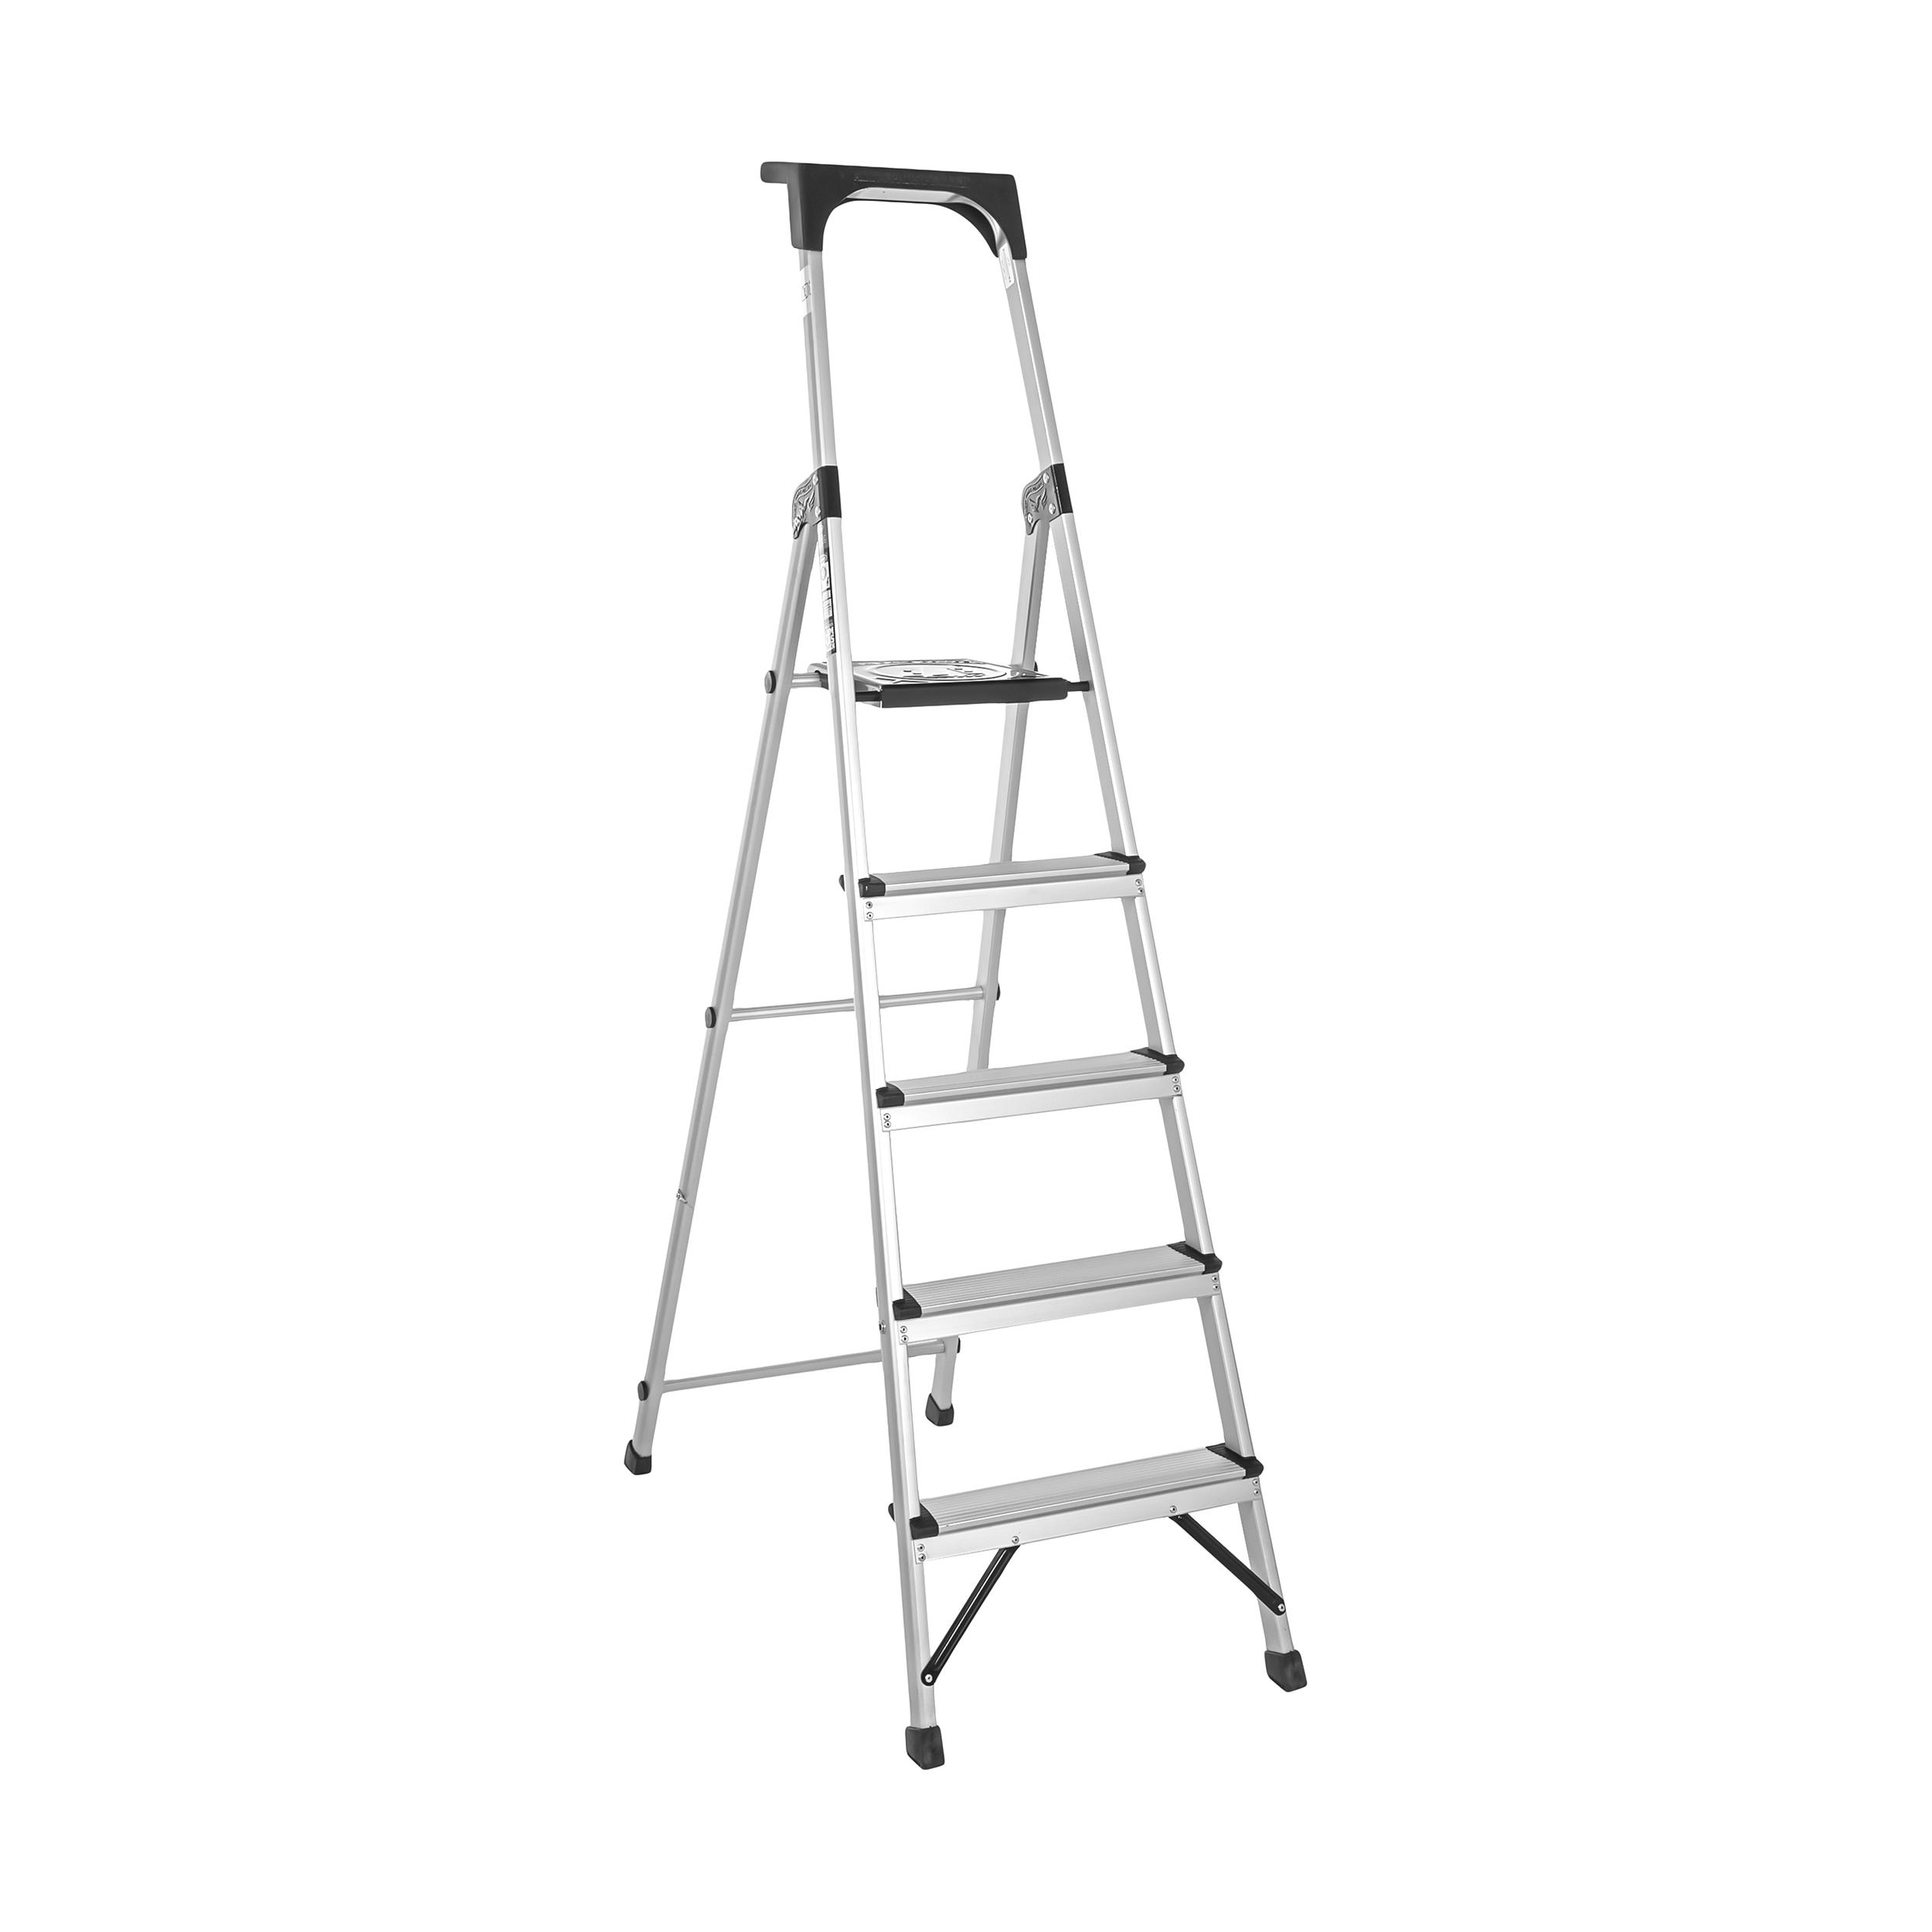 نردبان 5 پله آلوم پارس پله مدل اطلس